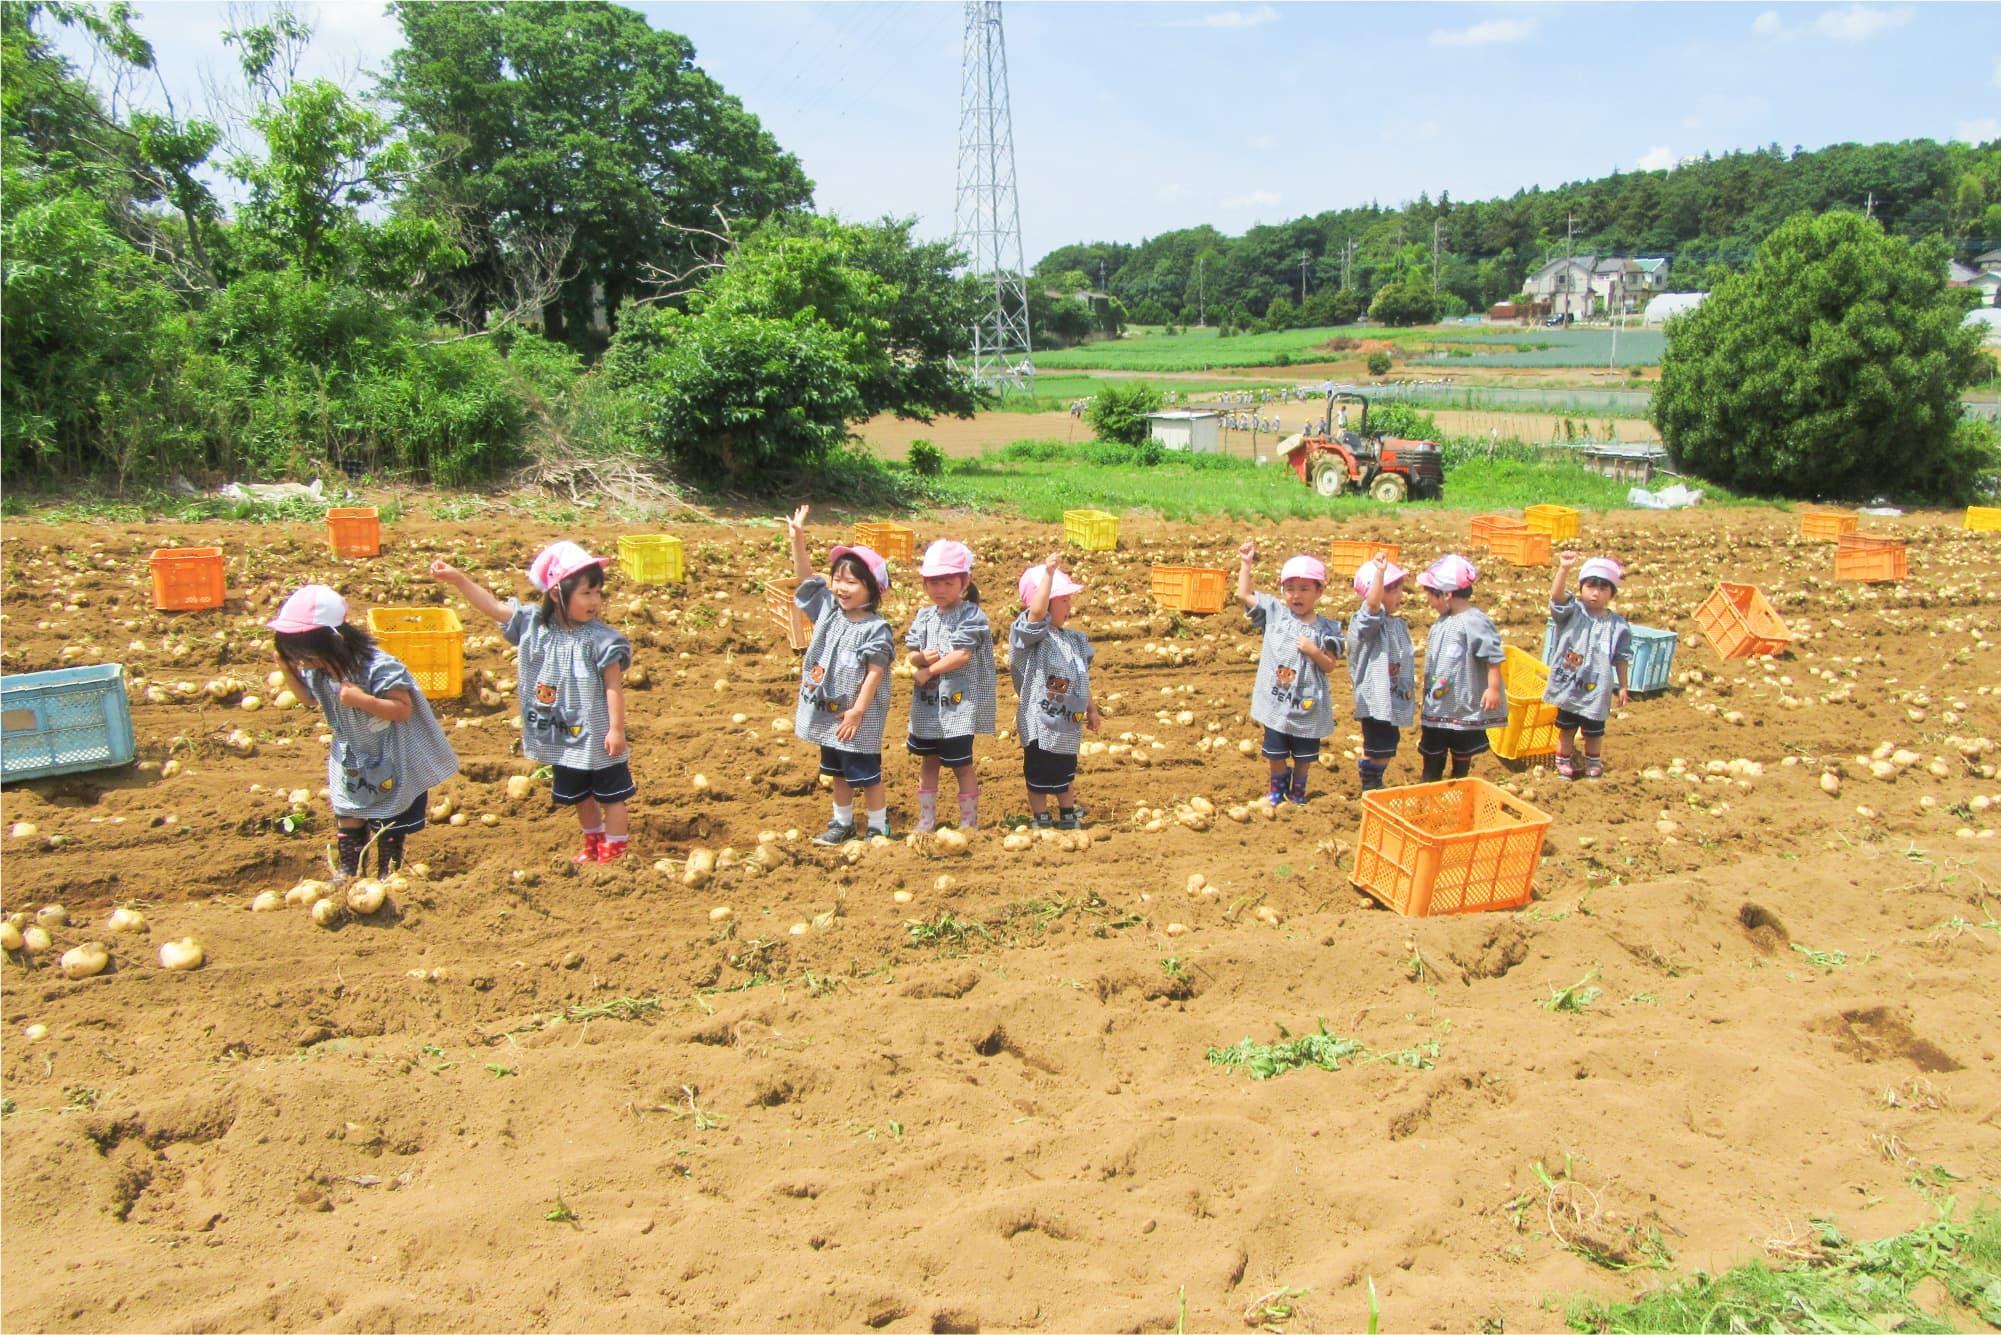 そら豆、ジャガイモ、さつまいも、大根が育つ園専用の畑